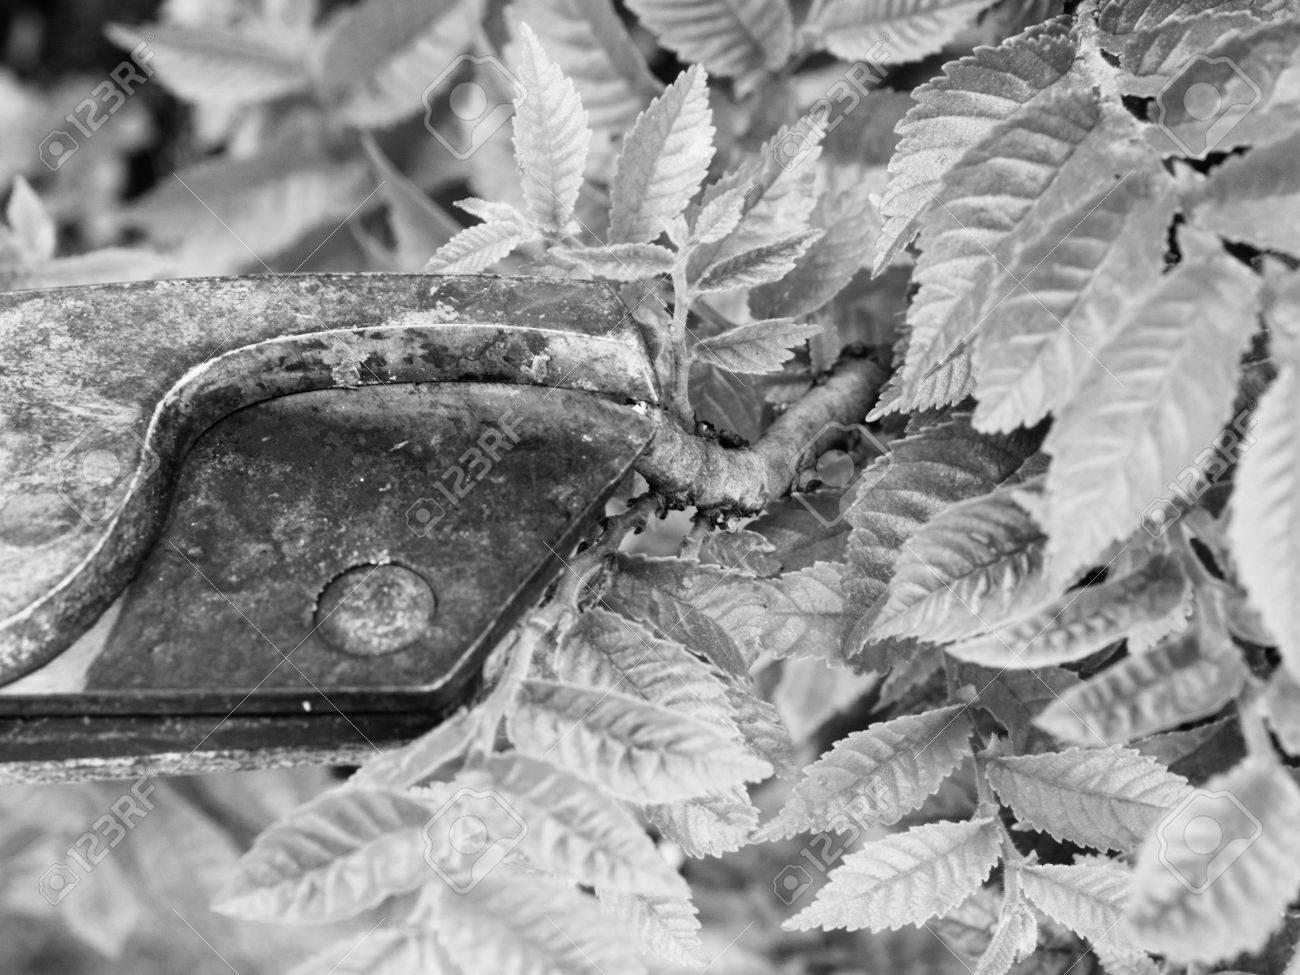 Kunstlerische Gartner Hand Trimmen Hainbuche Bonsai Baum Reinigung